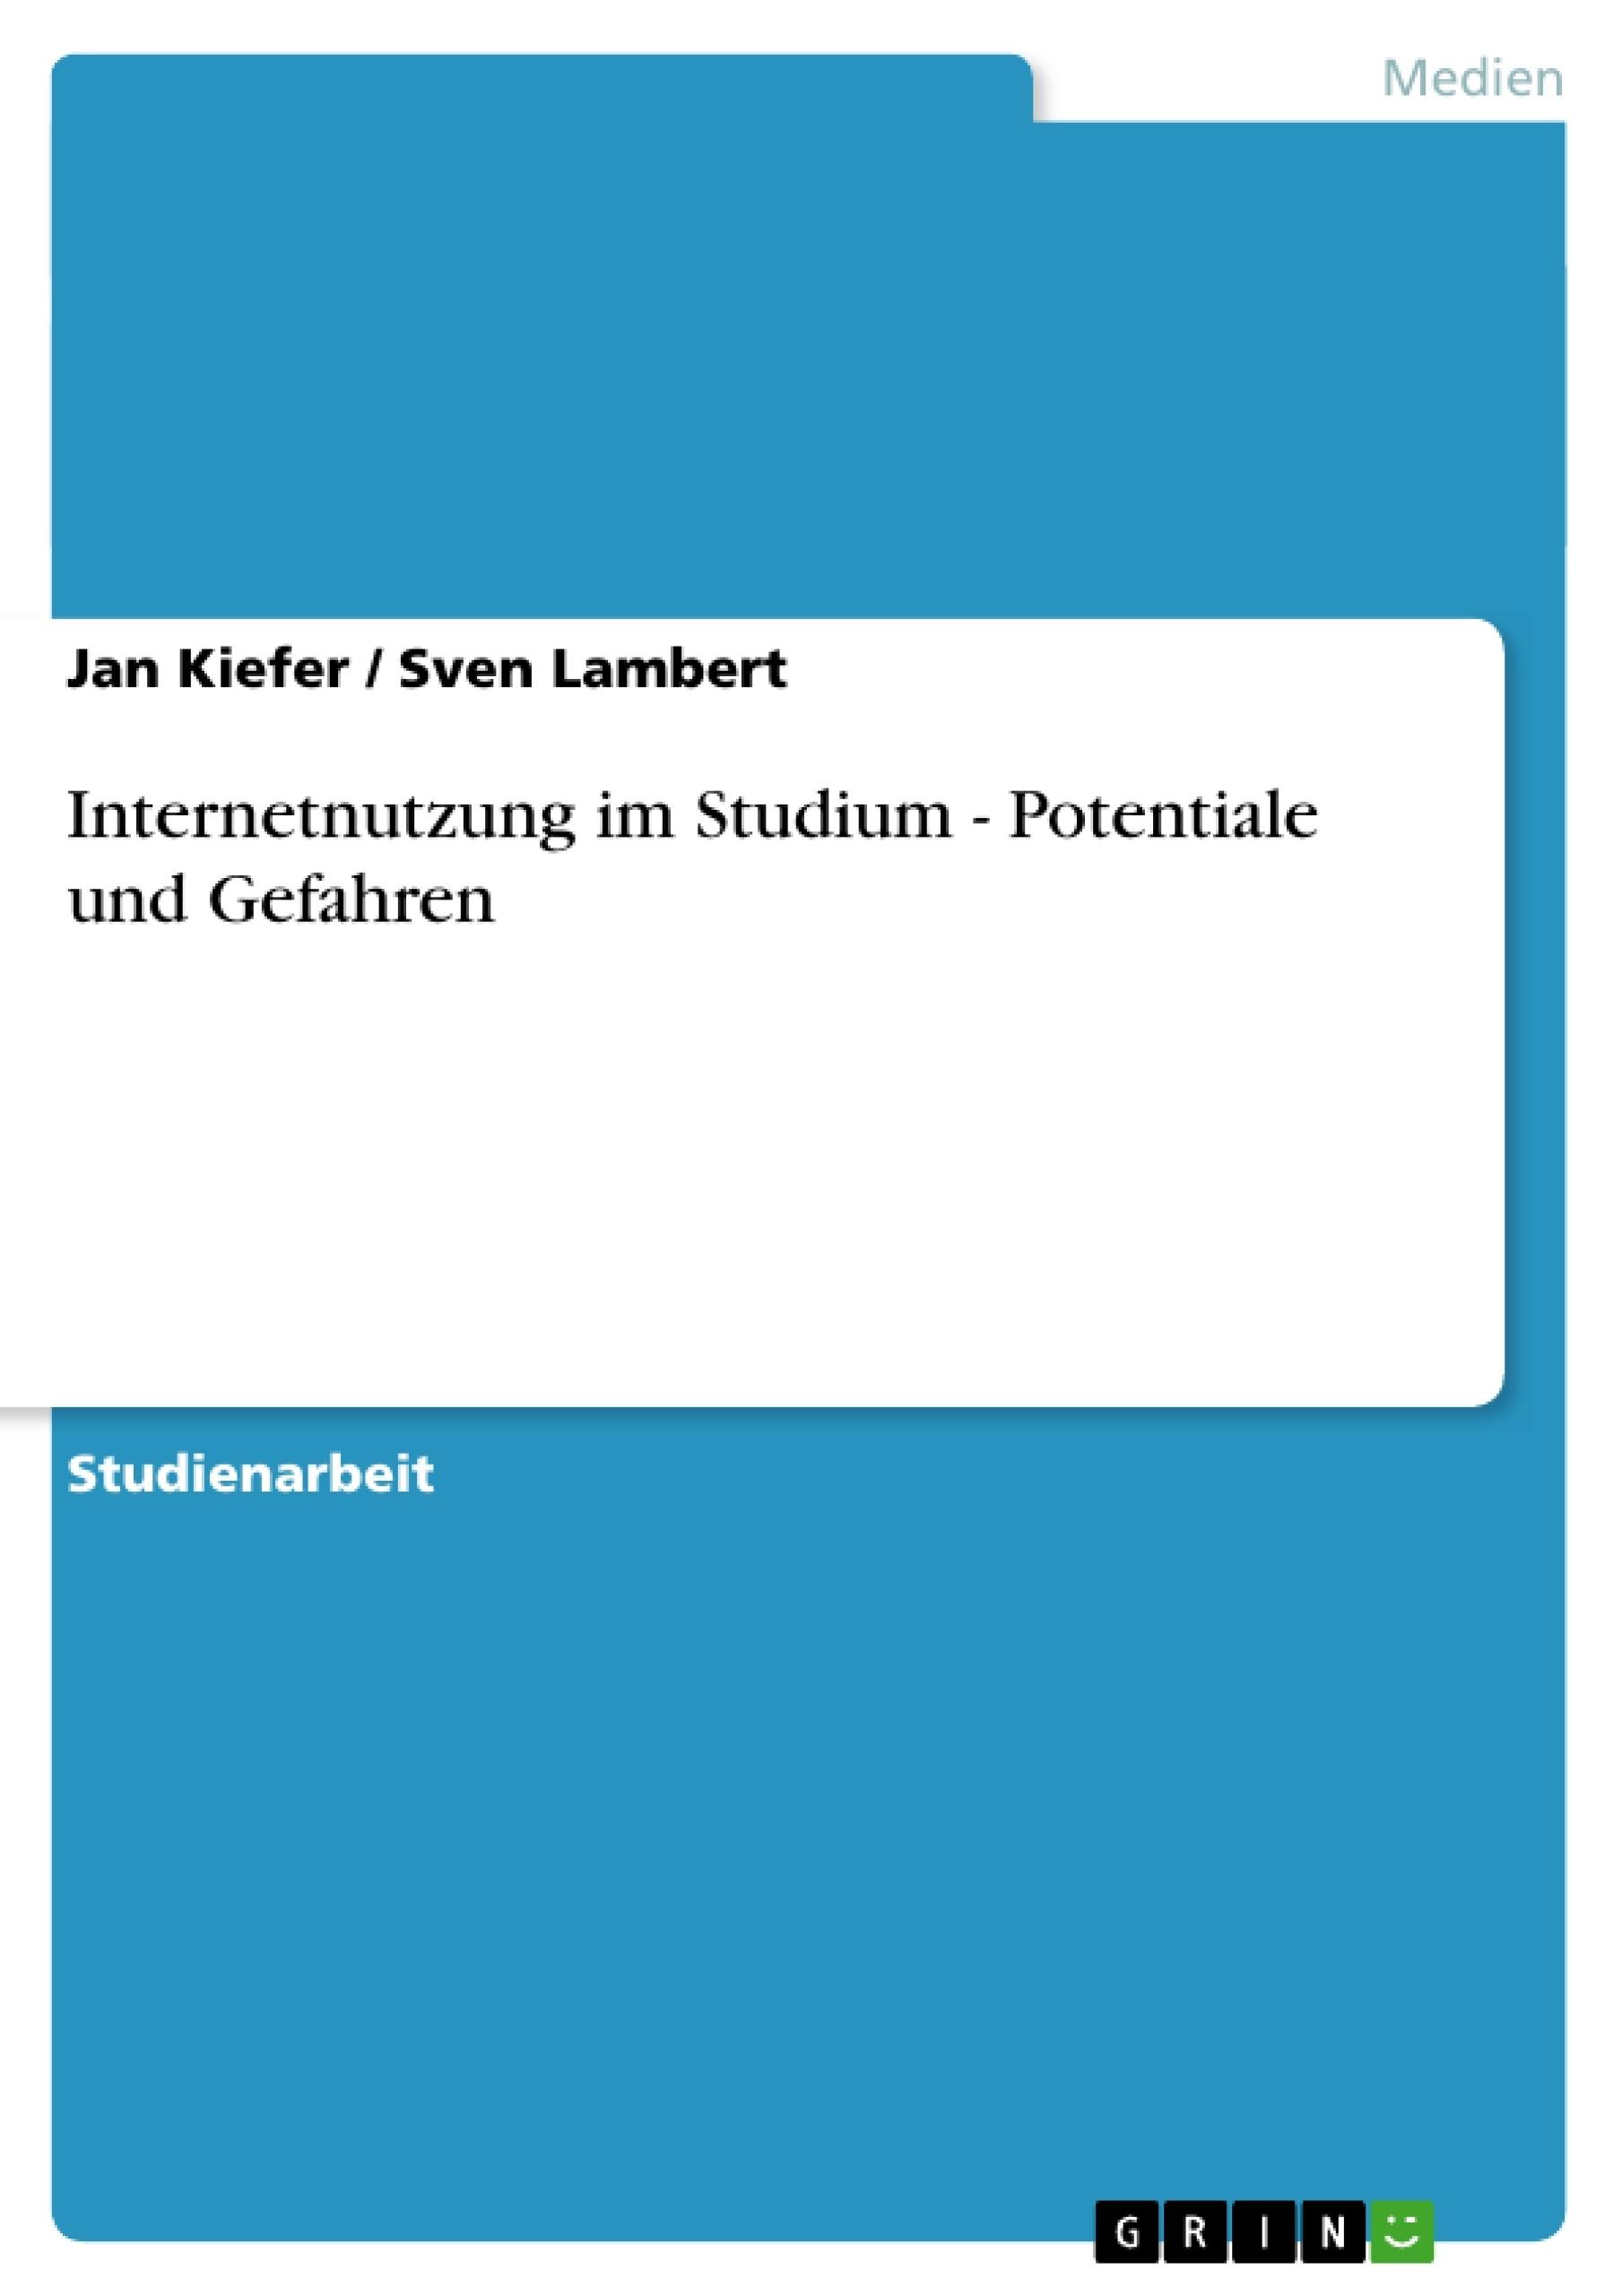 Titel: Internetnutzung im Studium - Potentiale und Gefahren